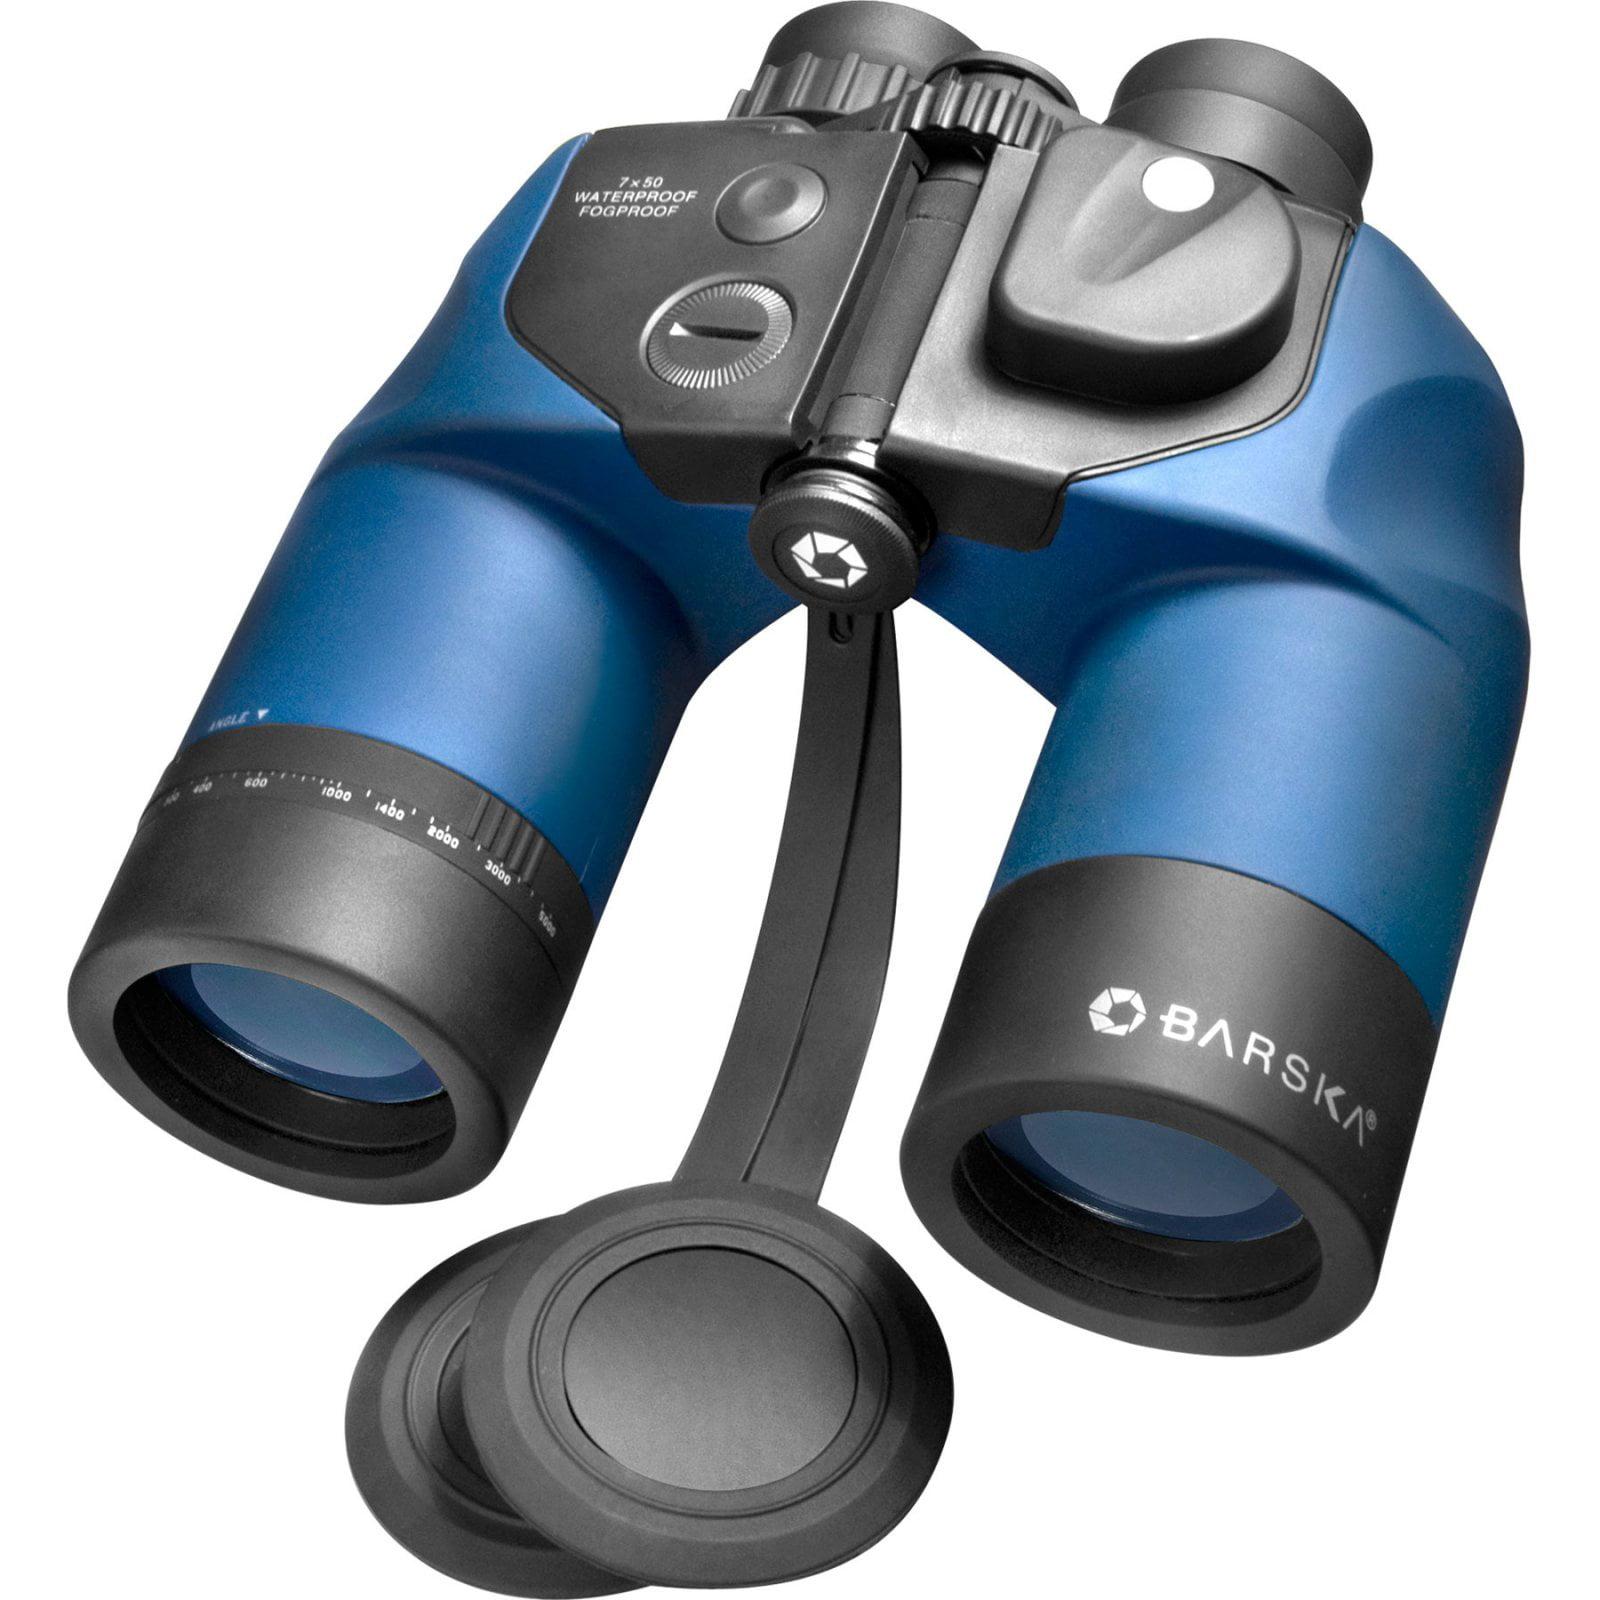 Barska 7x50mm WP Deep Sea Marine Binoculars with Internal Compass and